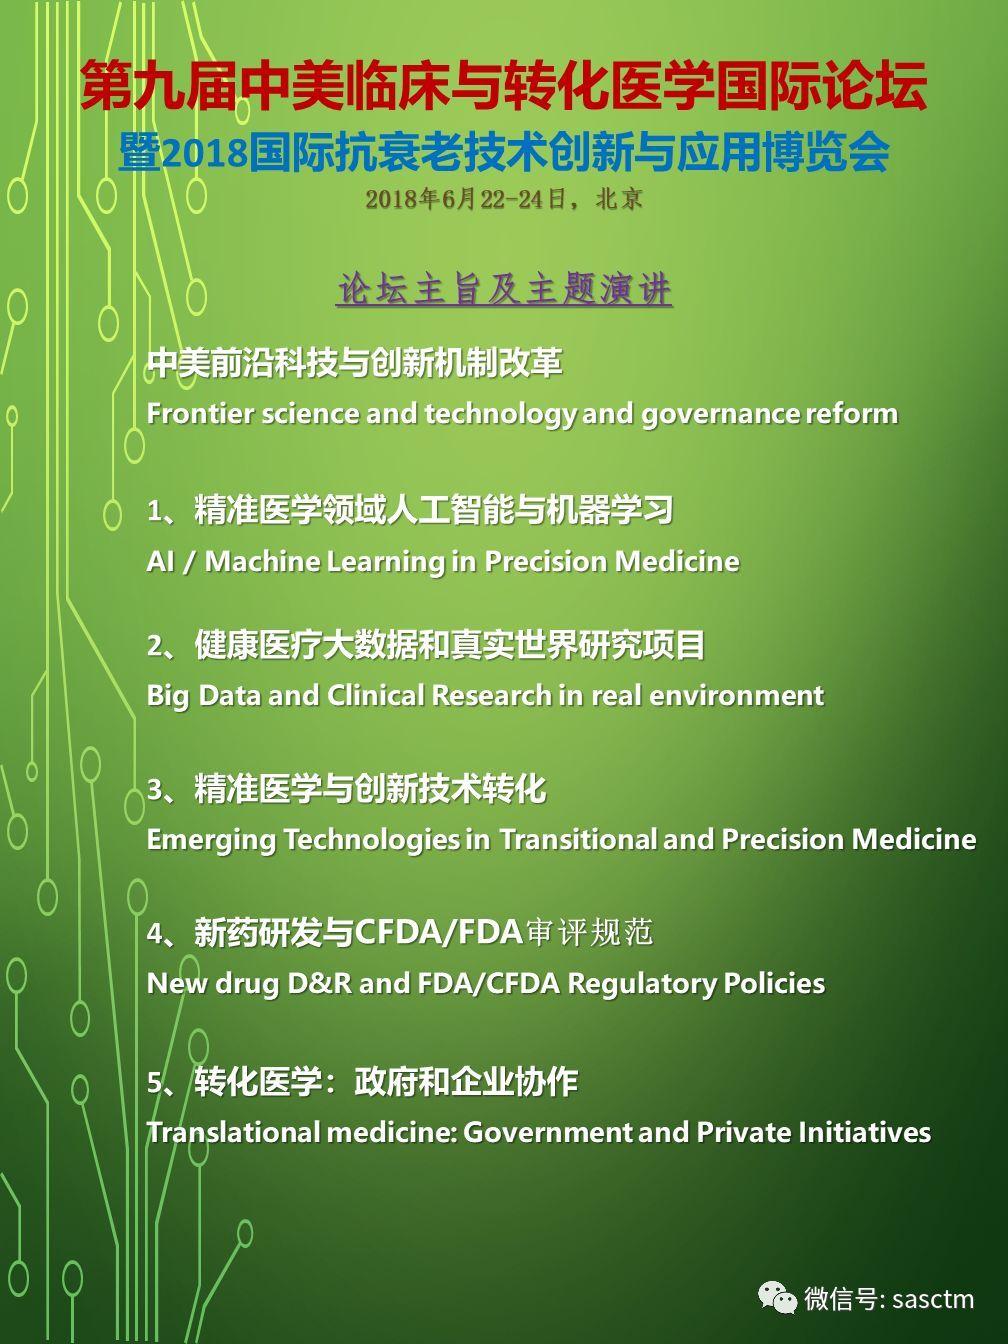 |新春特刊|探讨医改战略方向是投资社会保健或医疗保健?